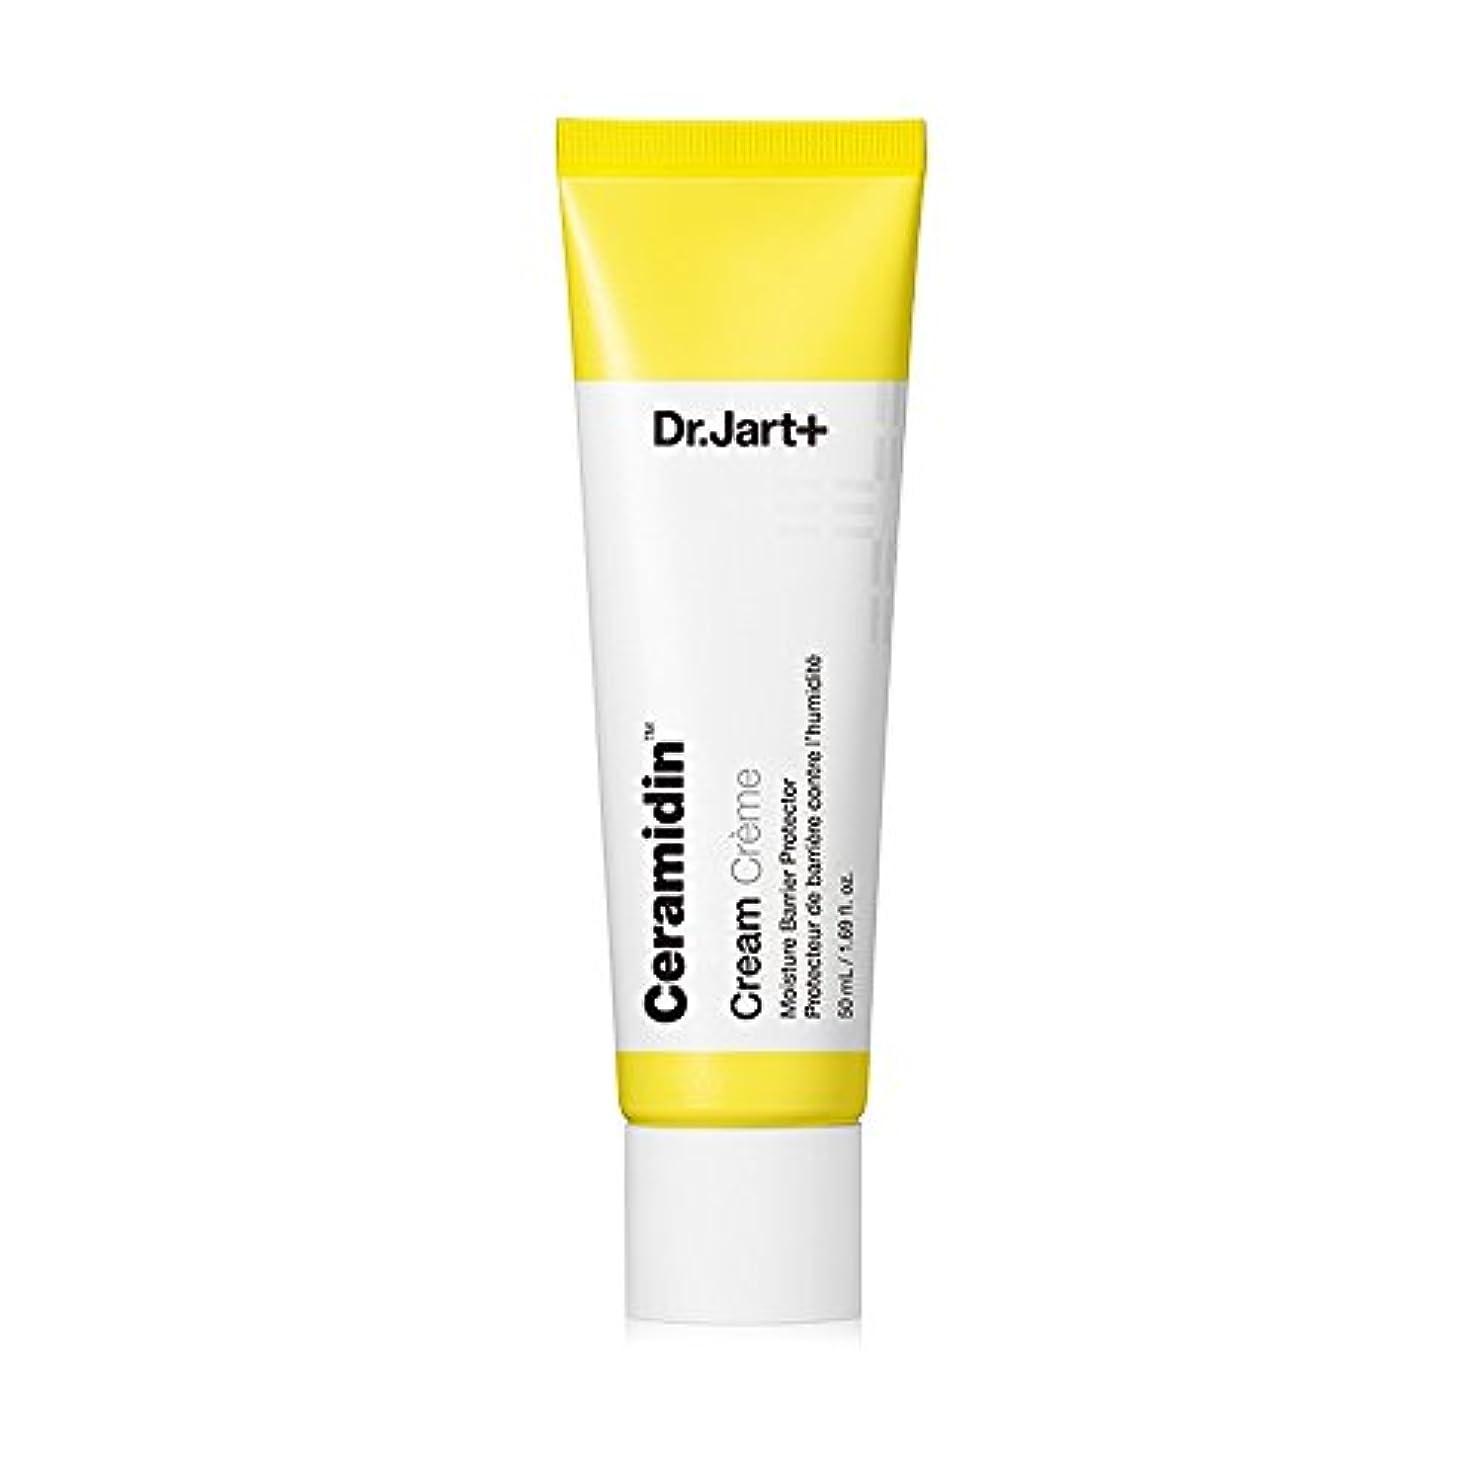 脊椎謎ディスコ[Dr.jart + New Ceramidin Cream 50ml] ドクタージャルトニューセラミーディン クリーム50ml